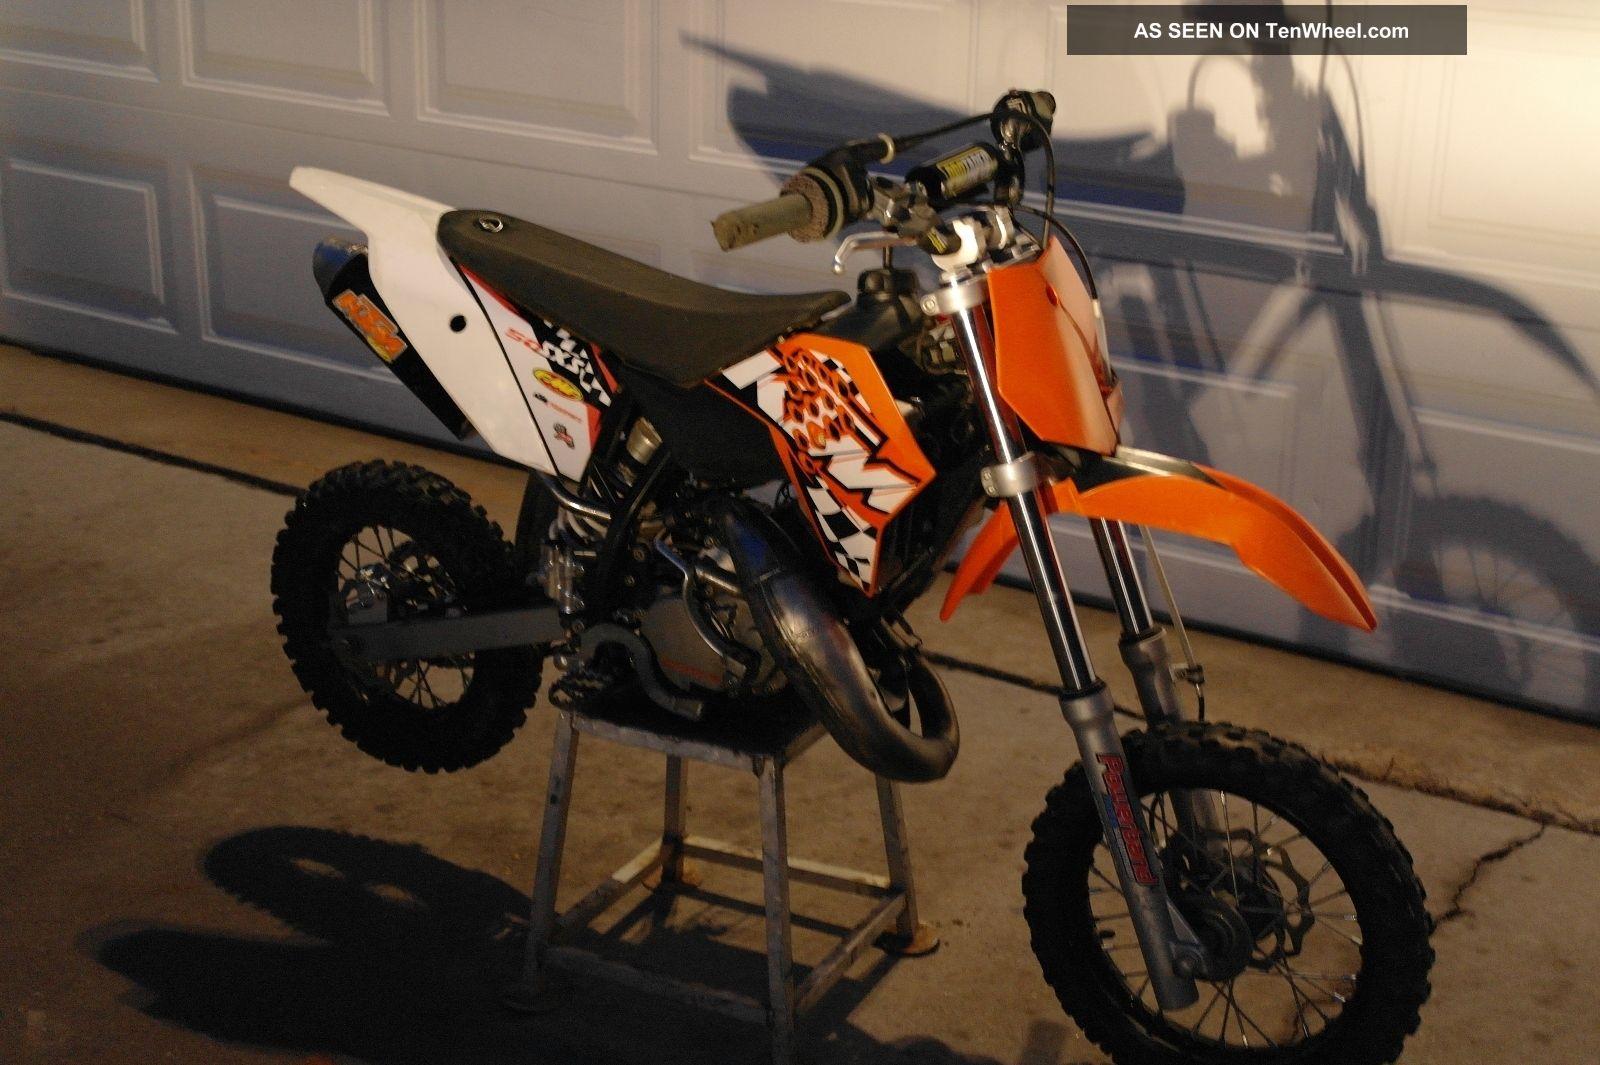 Ktm 50cc 2011 Sxs SX photo